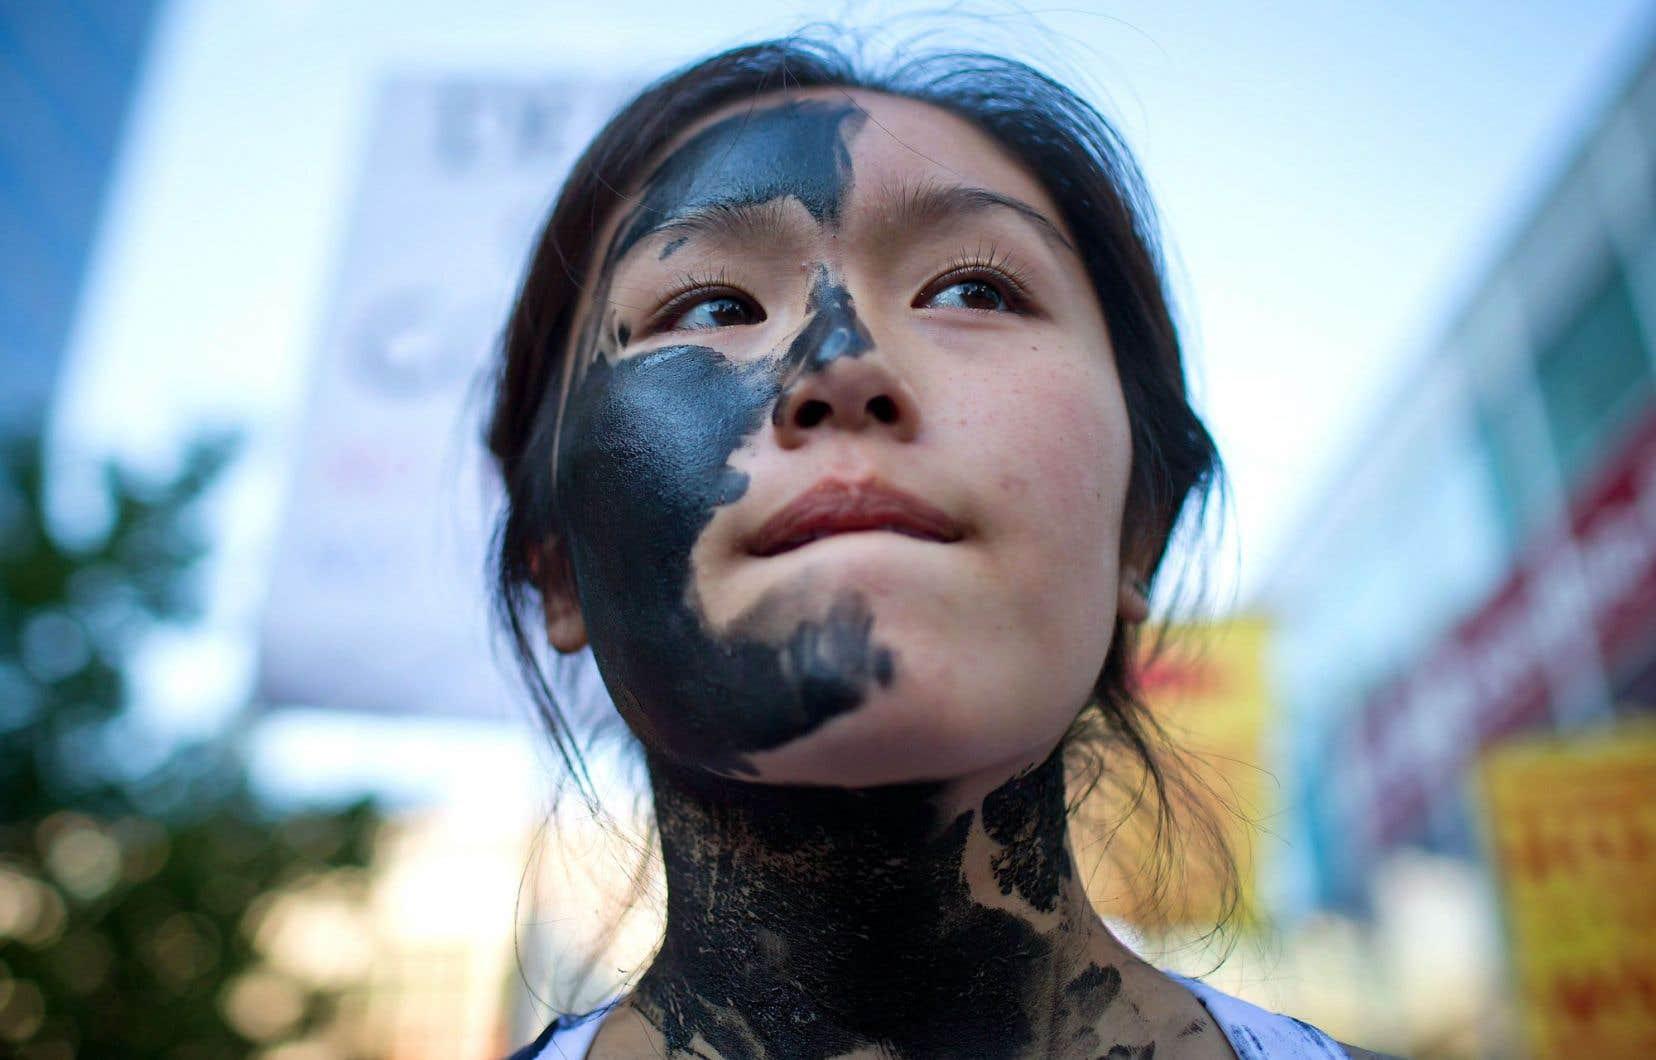 Jacqueline Lee-Tam, le visage maquillé pour évoquer le pétrole des sables bitumineux, au cours d'une manifestation contre le projet de pipeline Northern Gateway. Un rapport du groupe Oil Change International souligne que «tous les projets importants ont été retardés de façon significative, certains au point même d'être annulés sous peu».